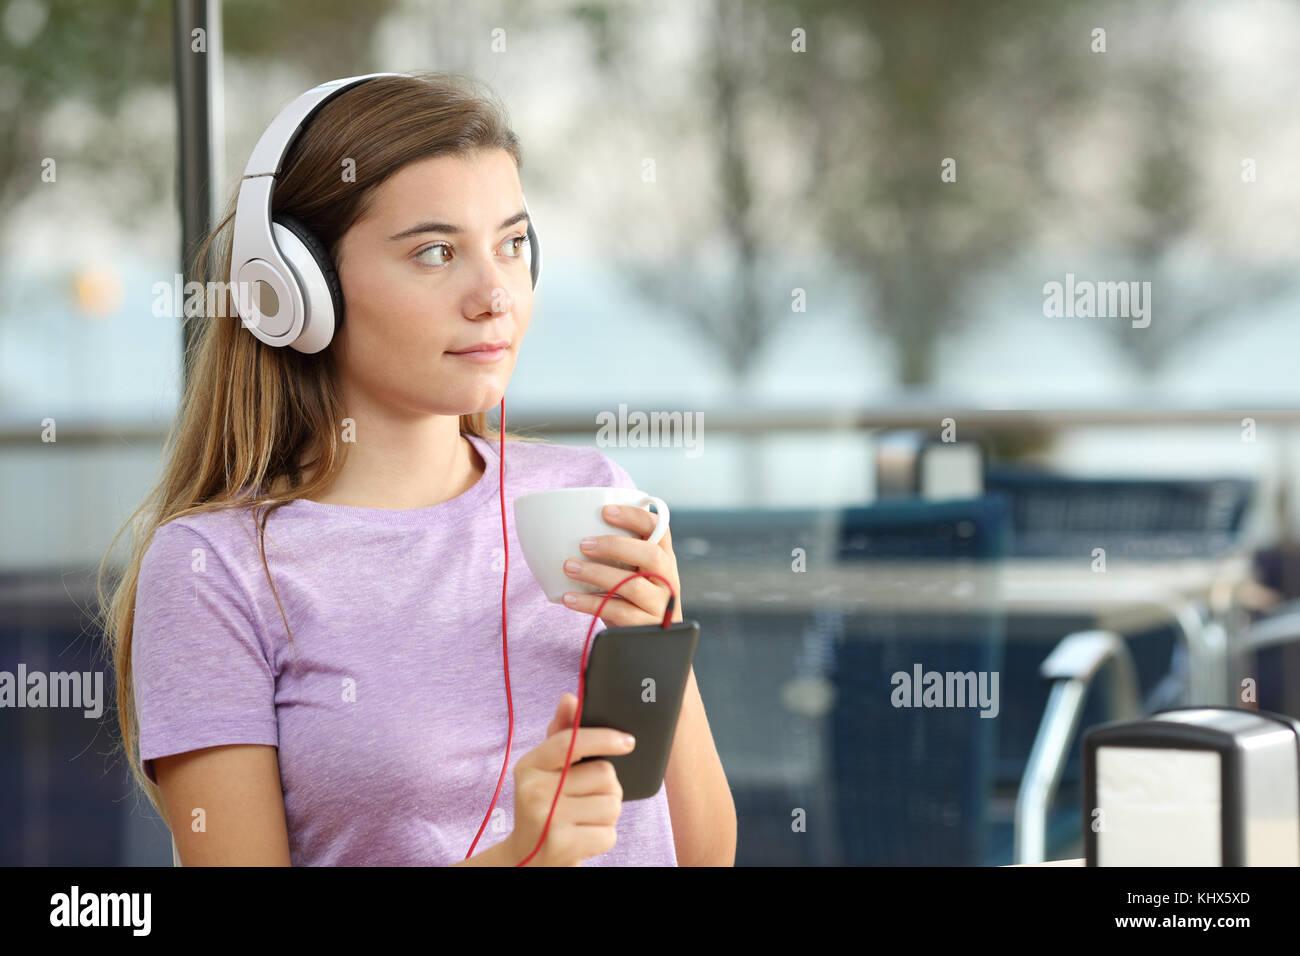 Adolescente grave escuchando música sosteniendo una taza de café y un teléfono inteligente en un Imagen De Stock